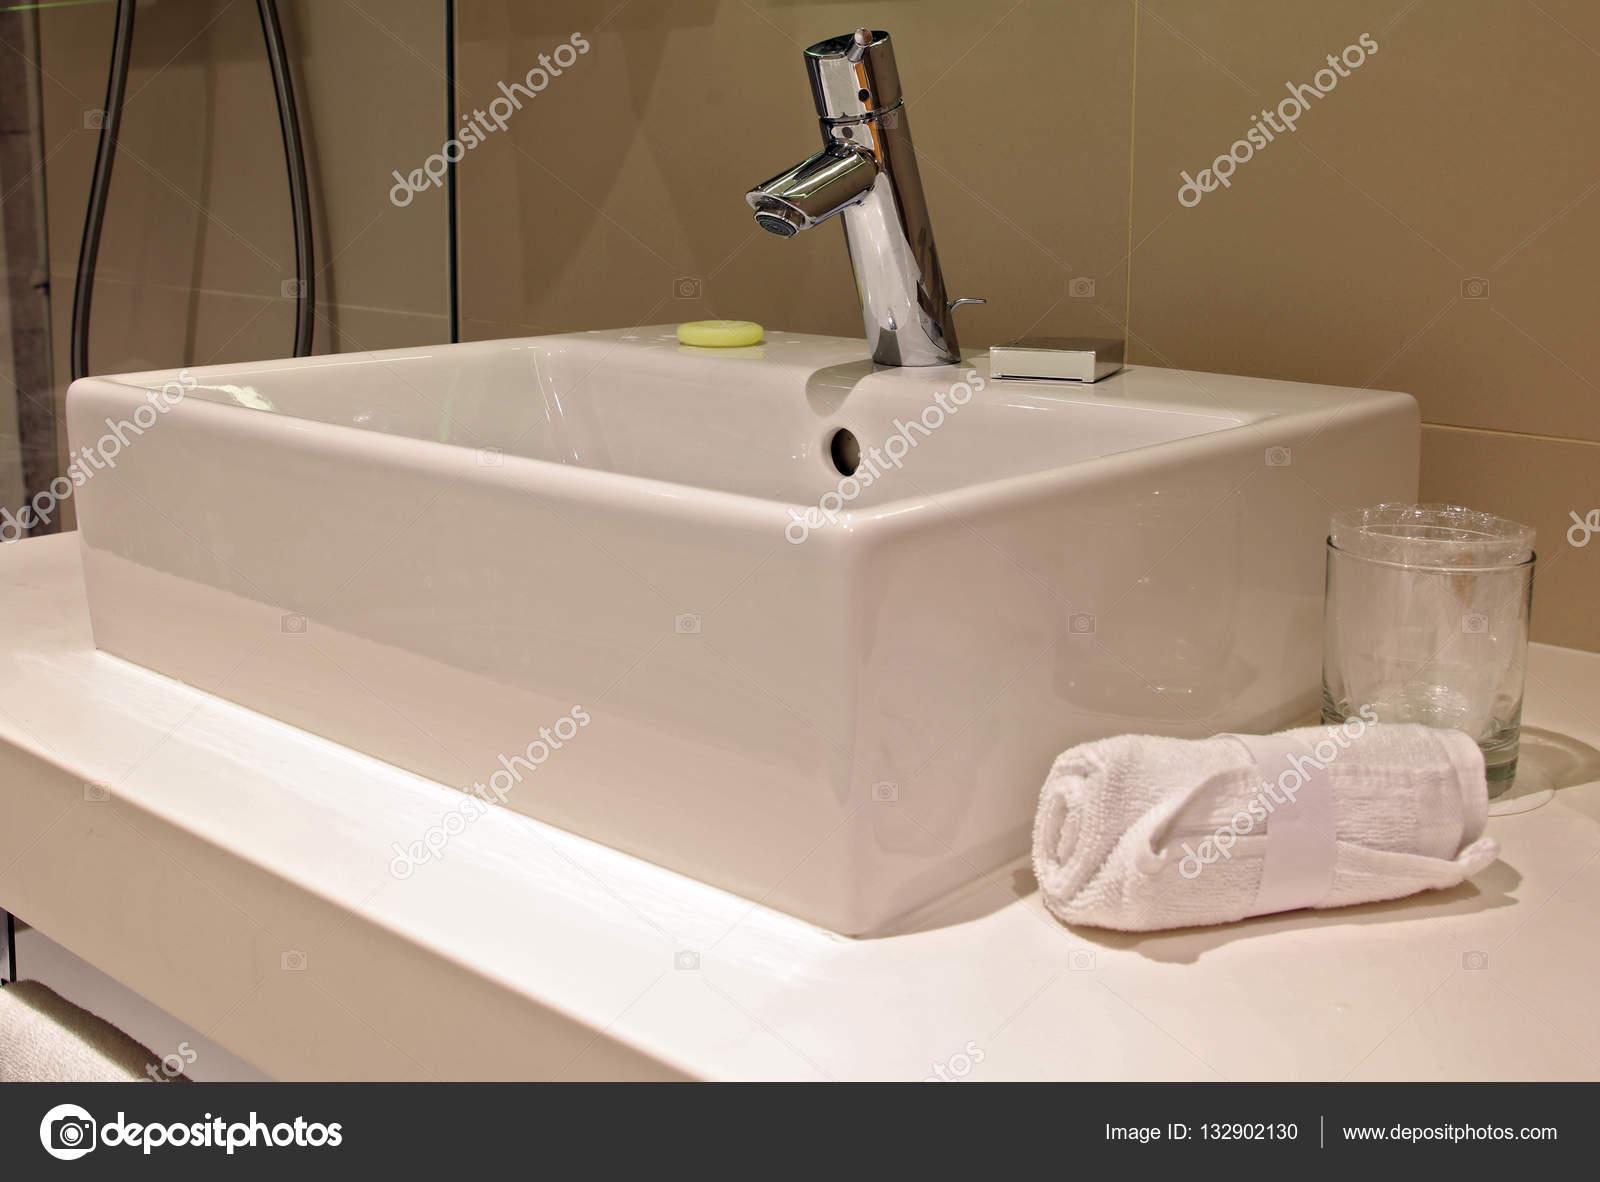 Lavabo Del Bano Lavabos Sanitarios En Moderno Minimalista Foto - Lavabos-minimalistas